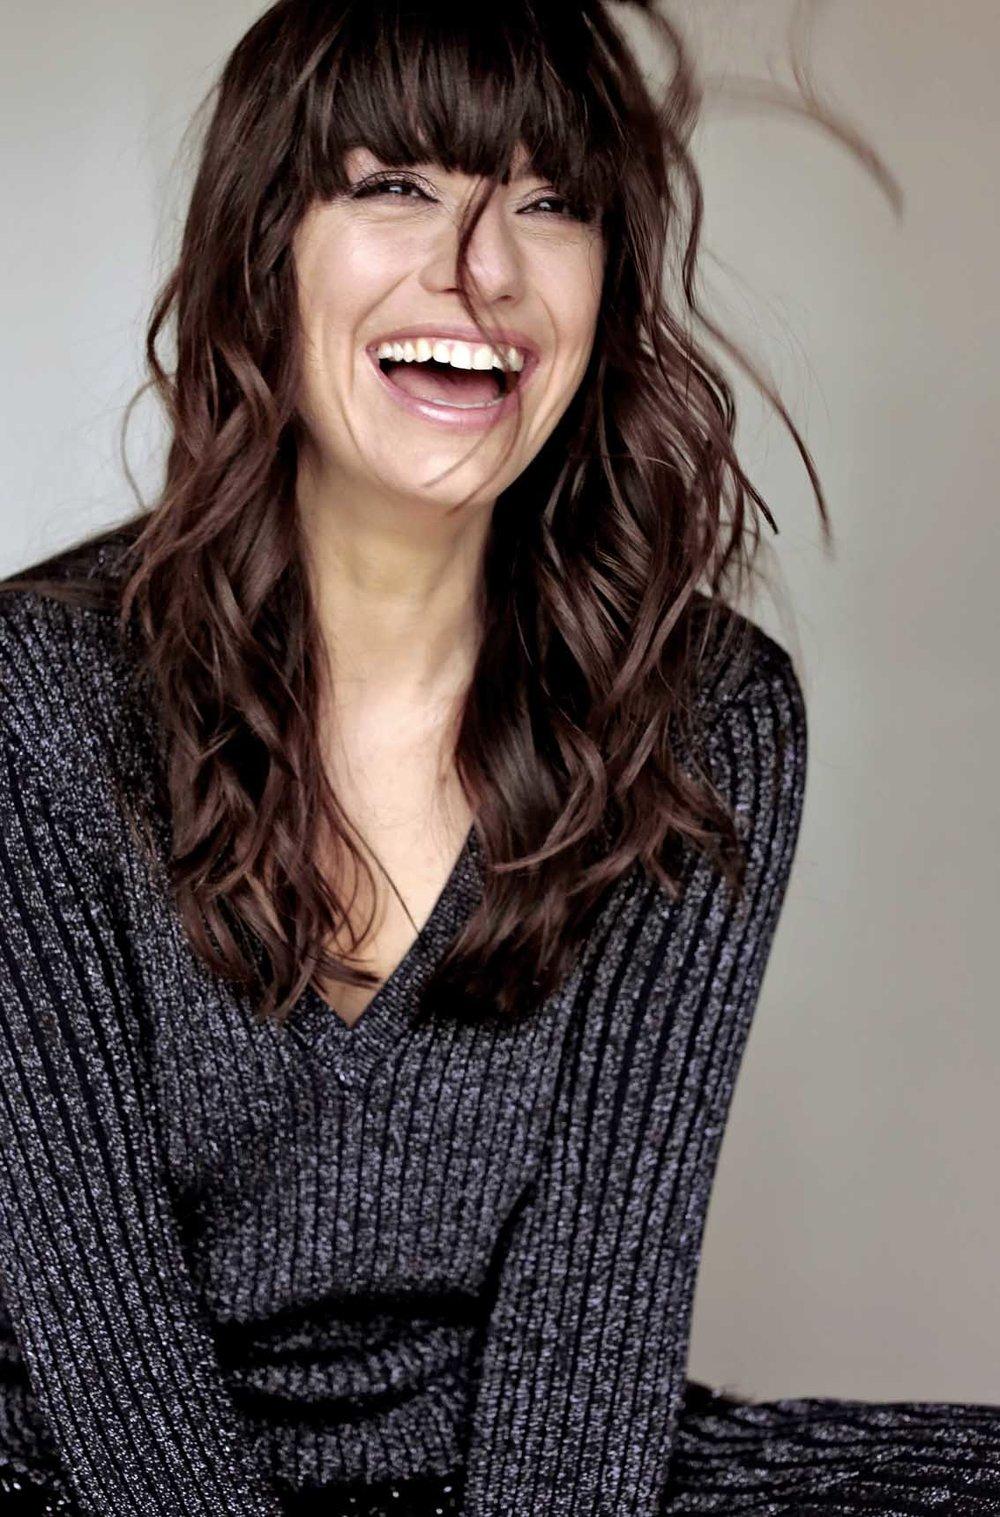 Cora lachend mit braunen Locken